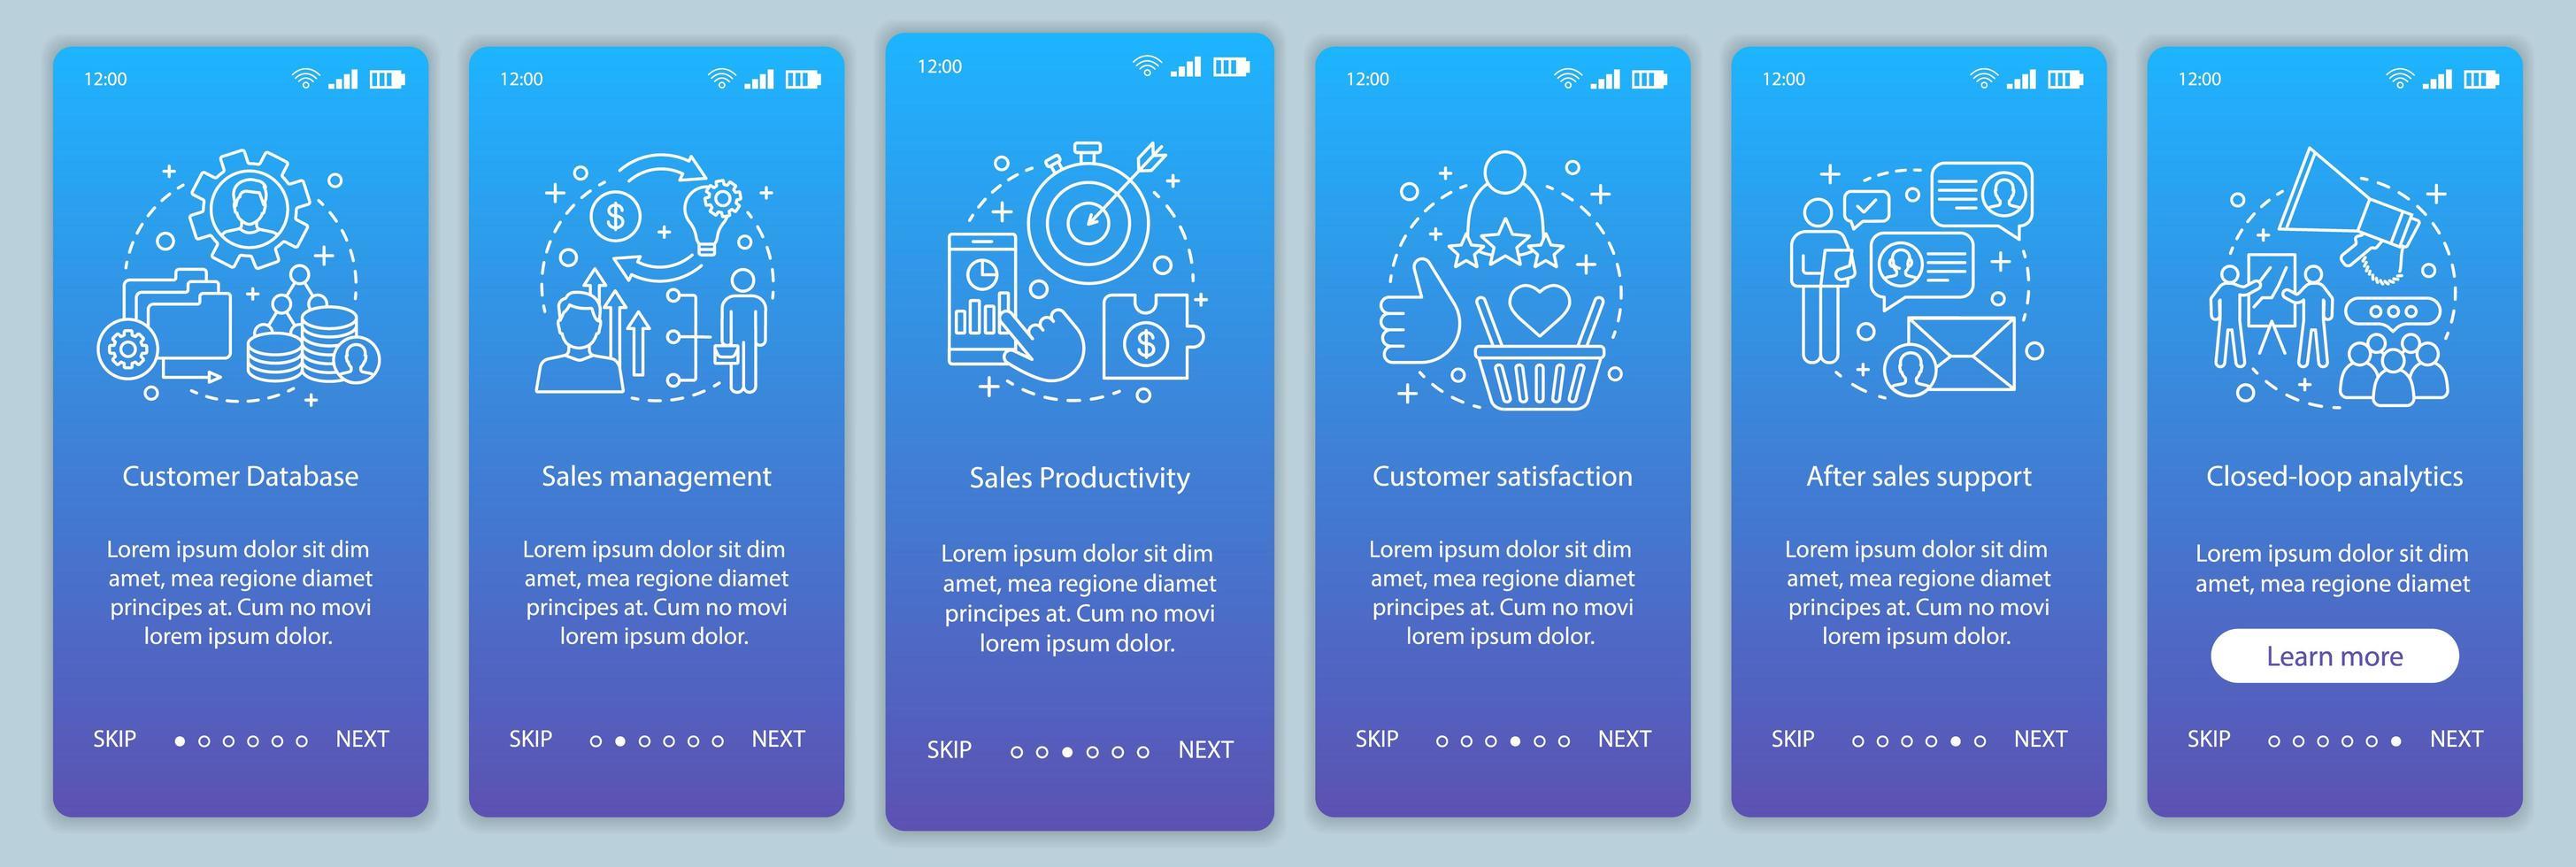 pagina dell'app mobile di marketing onboarding vettore